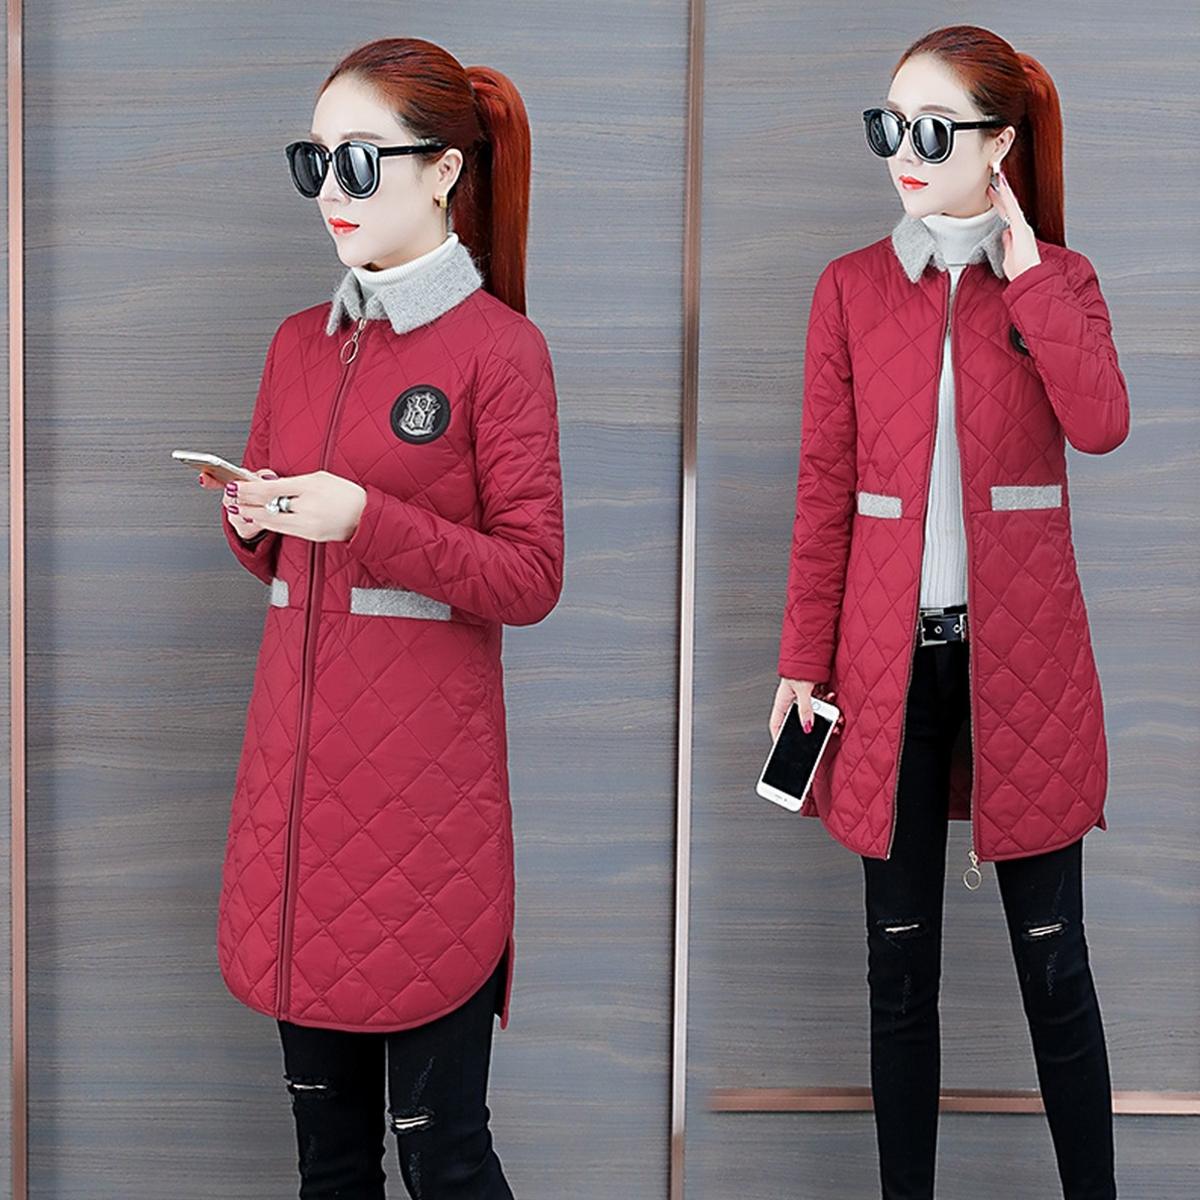 2020新款冬季棉衣外套轻薄中长款女土羽绒棉服女式的棉袄子贵夫人